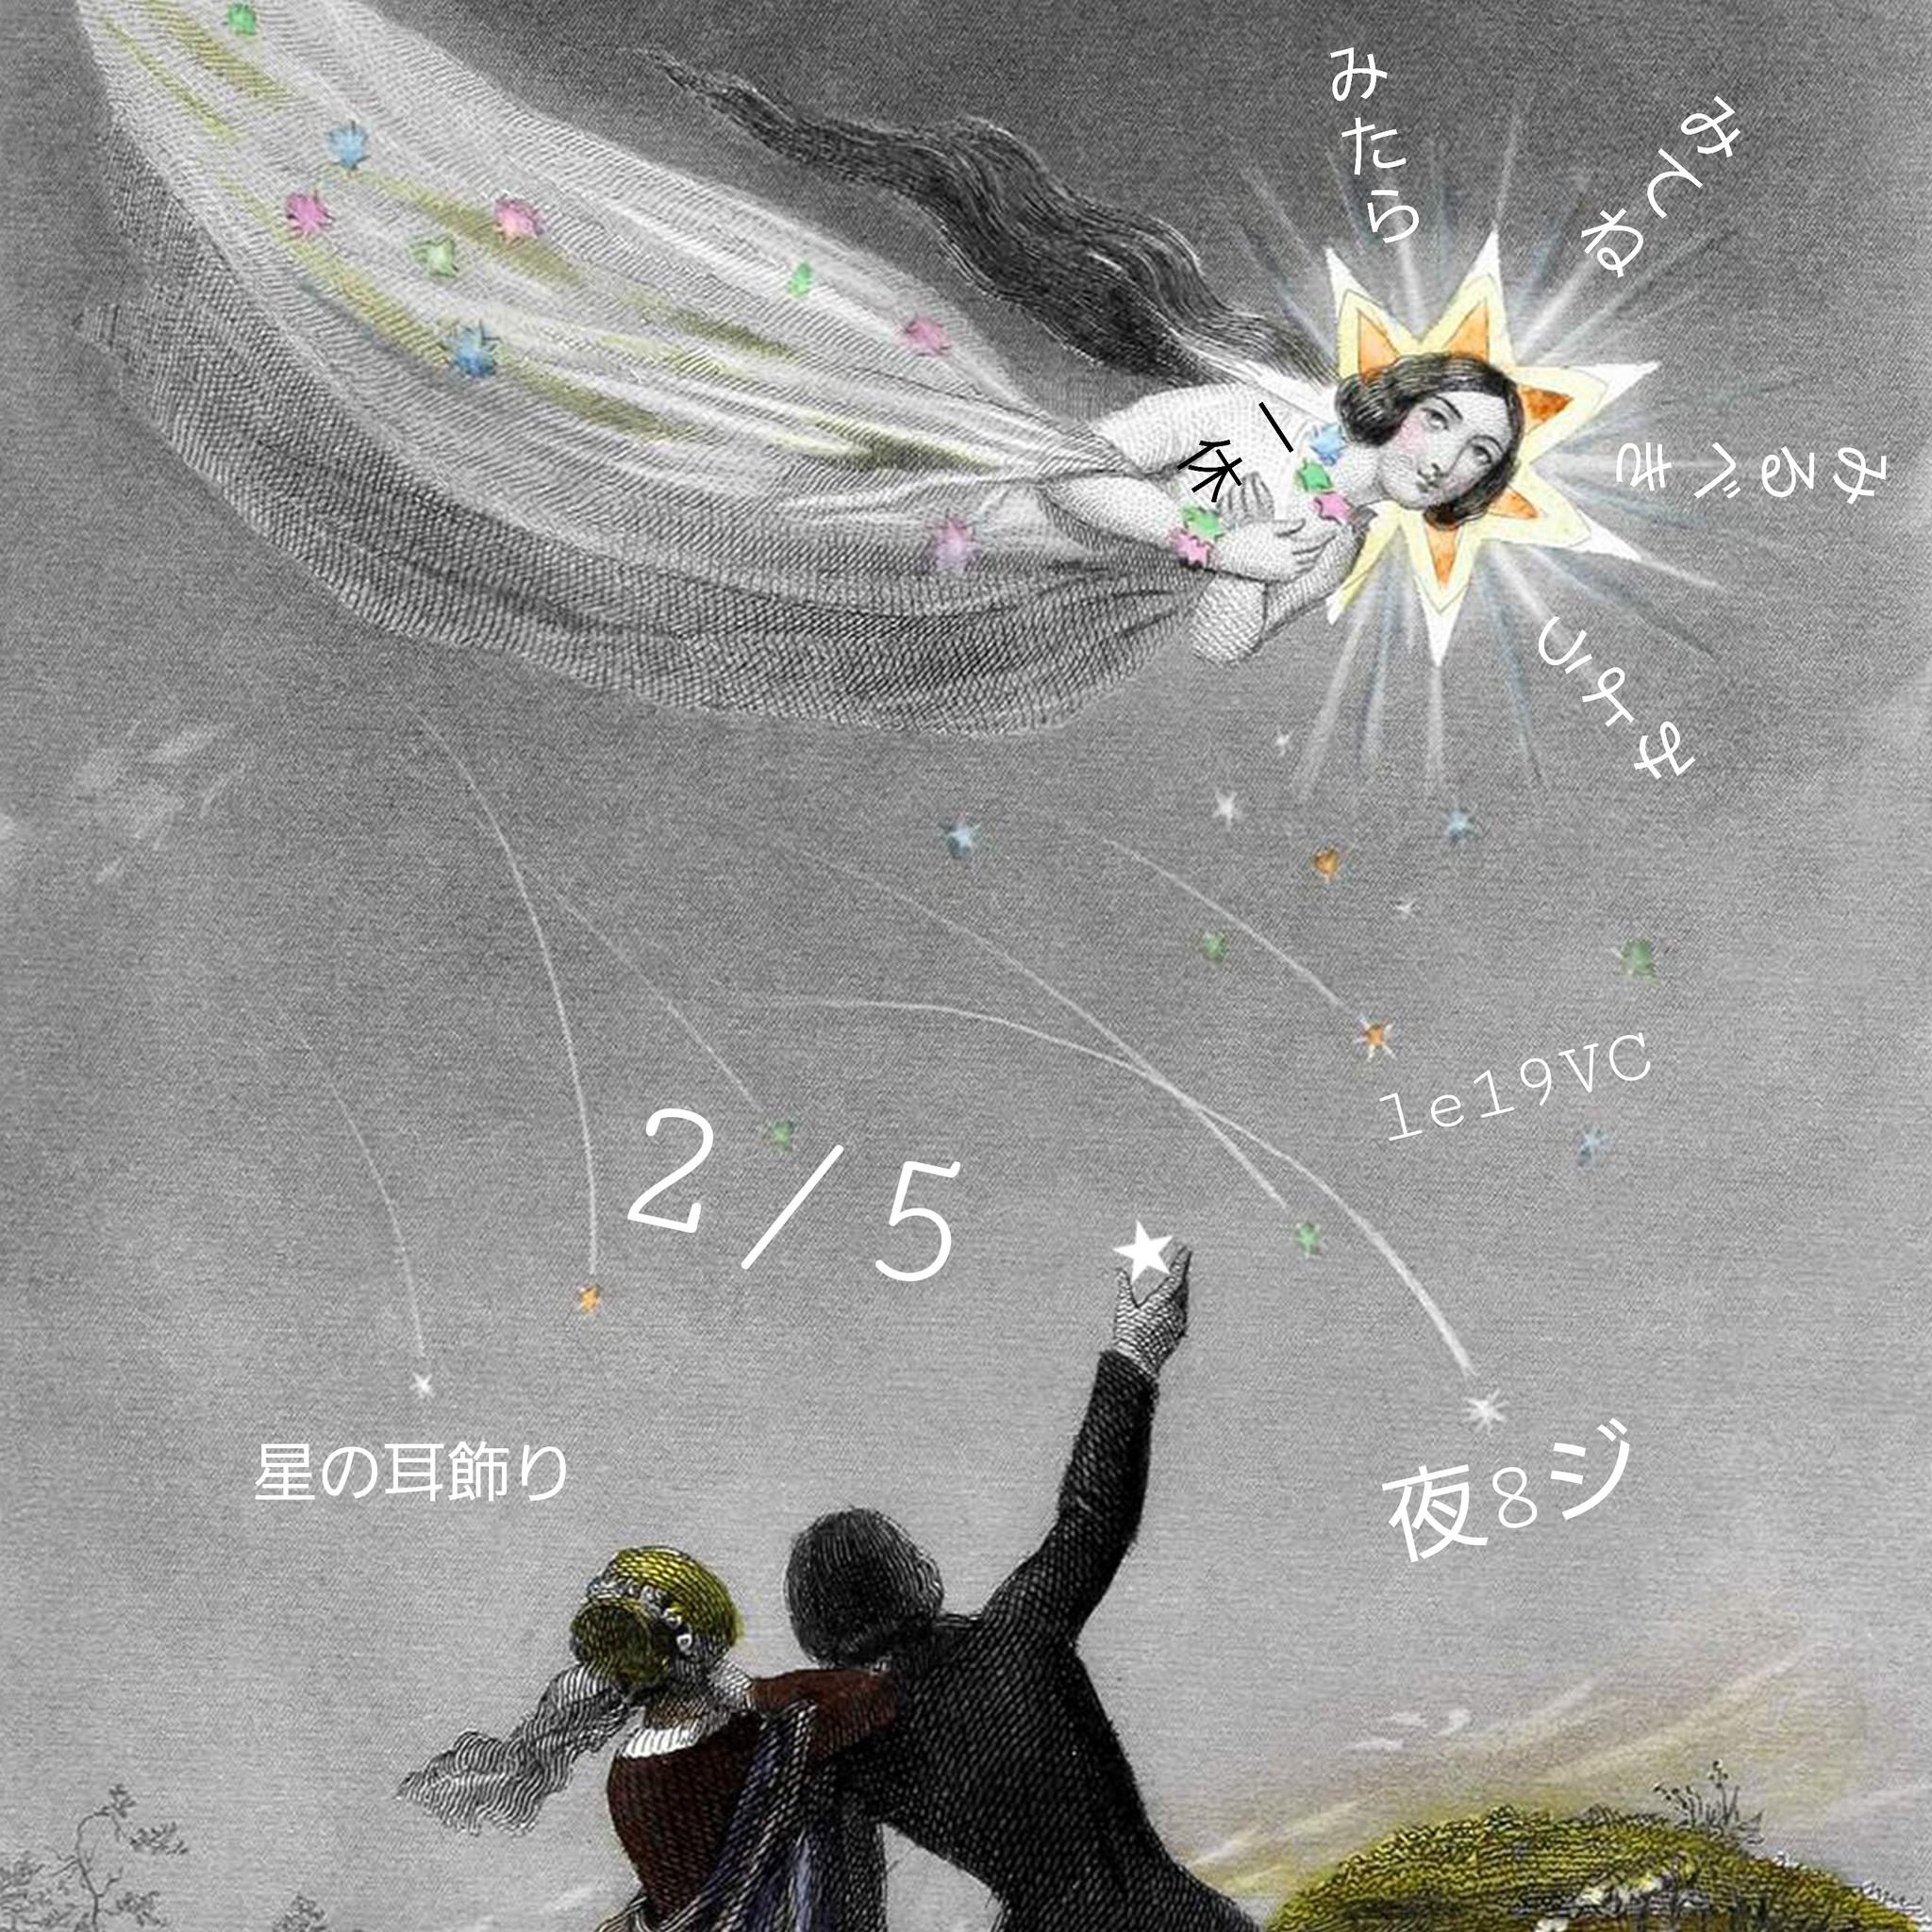 明日2/5日はインスタライブ!星アクセサリー★